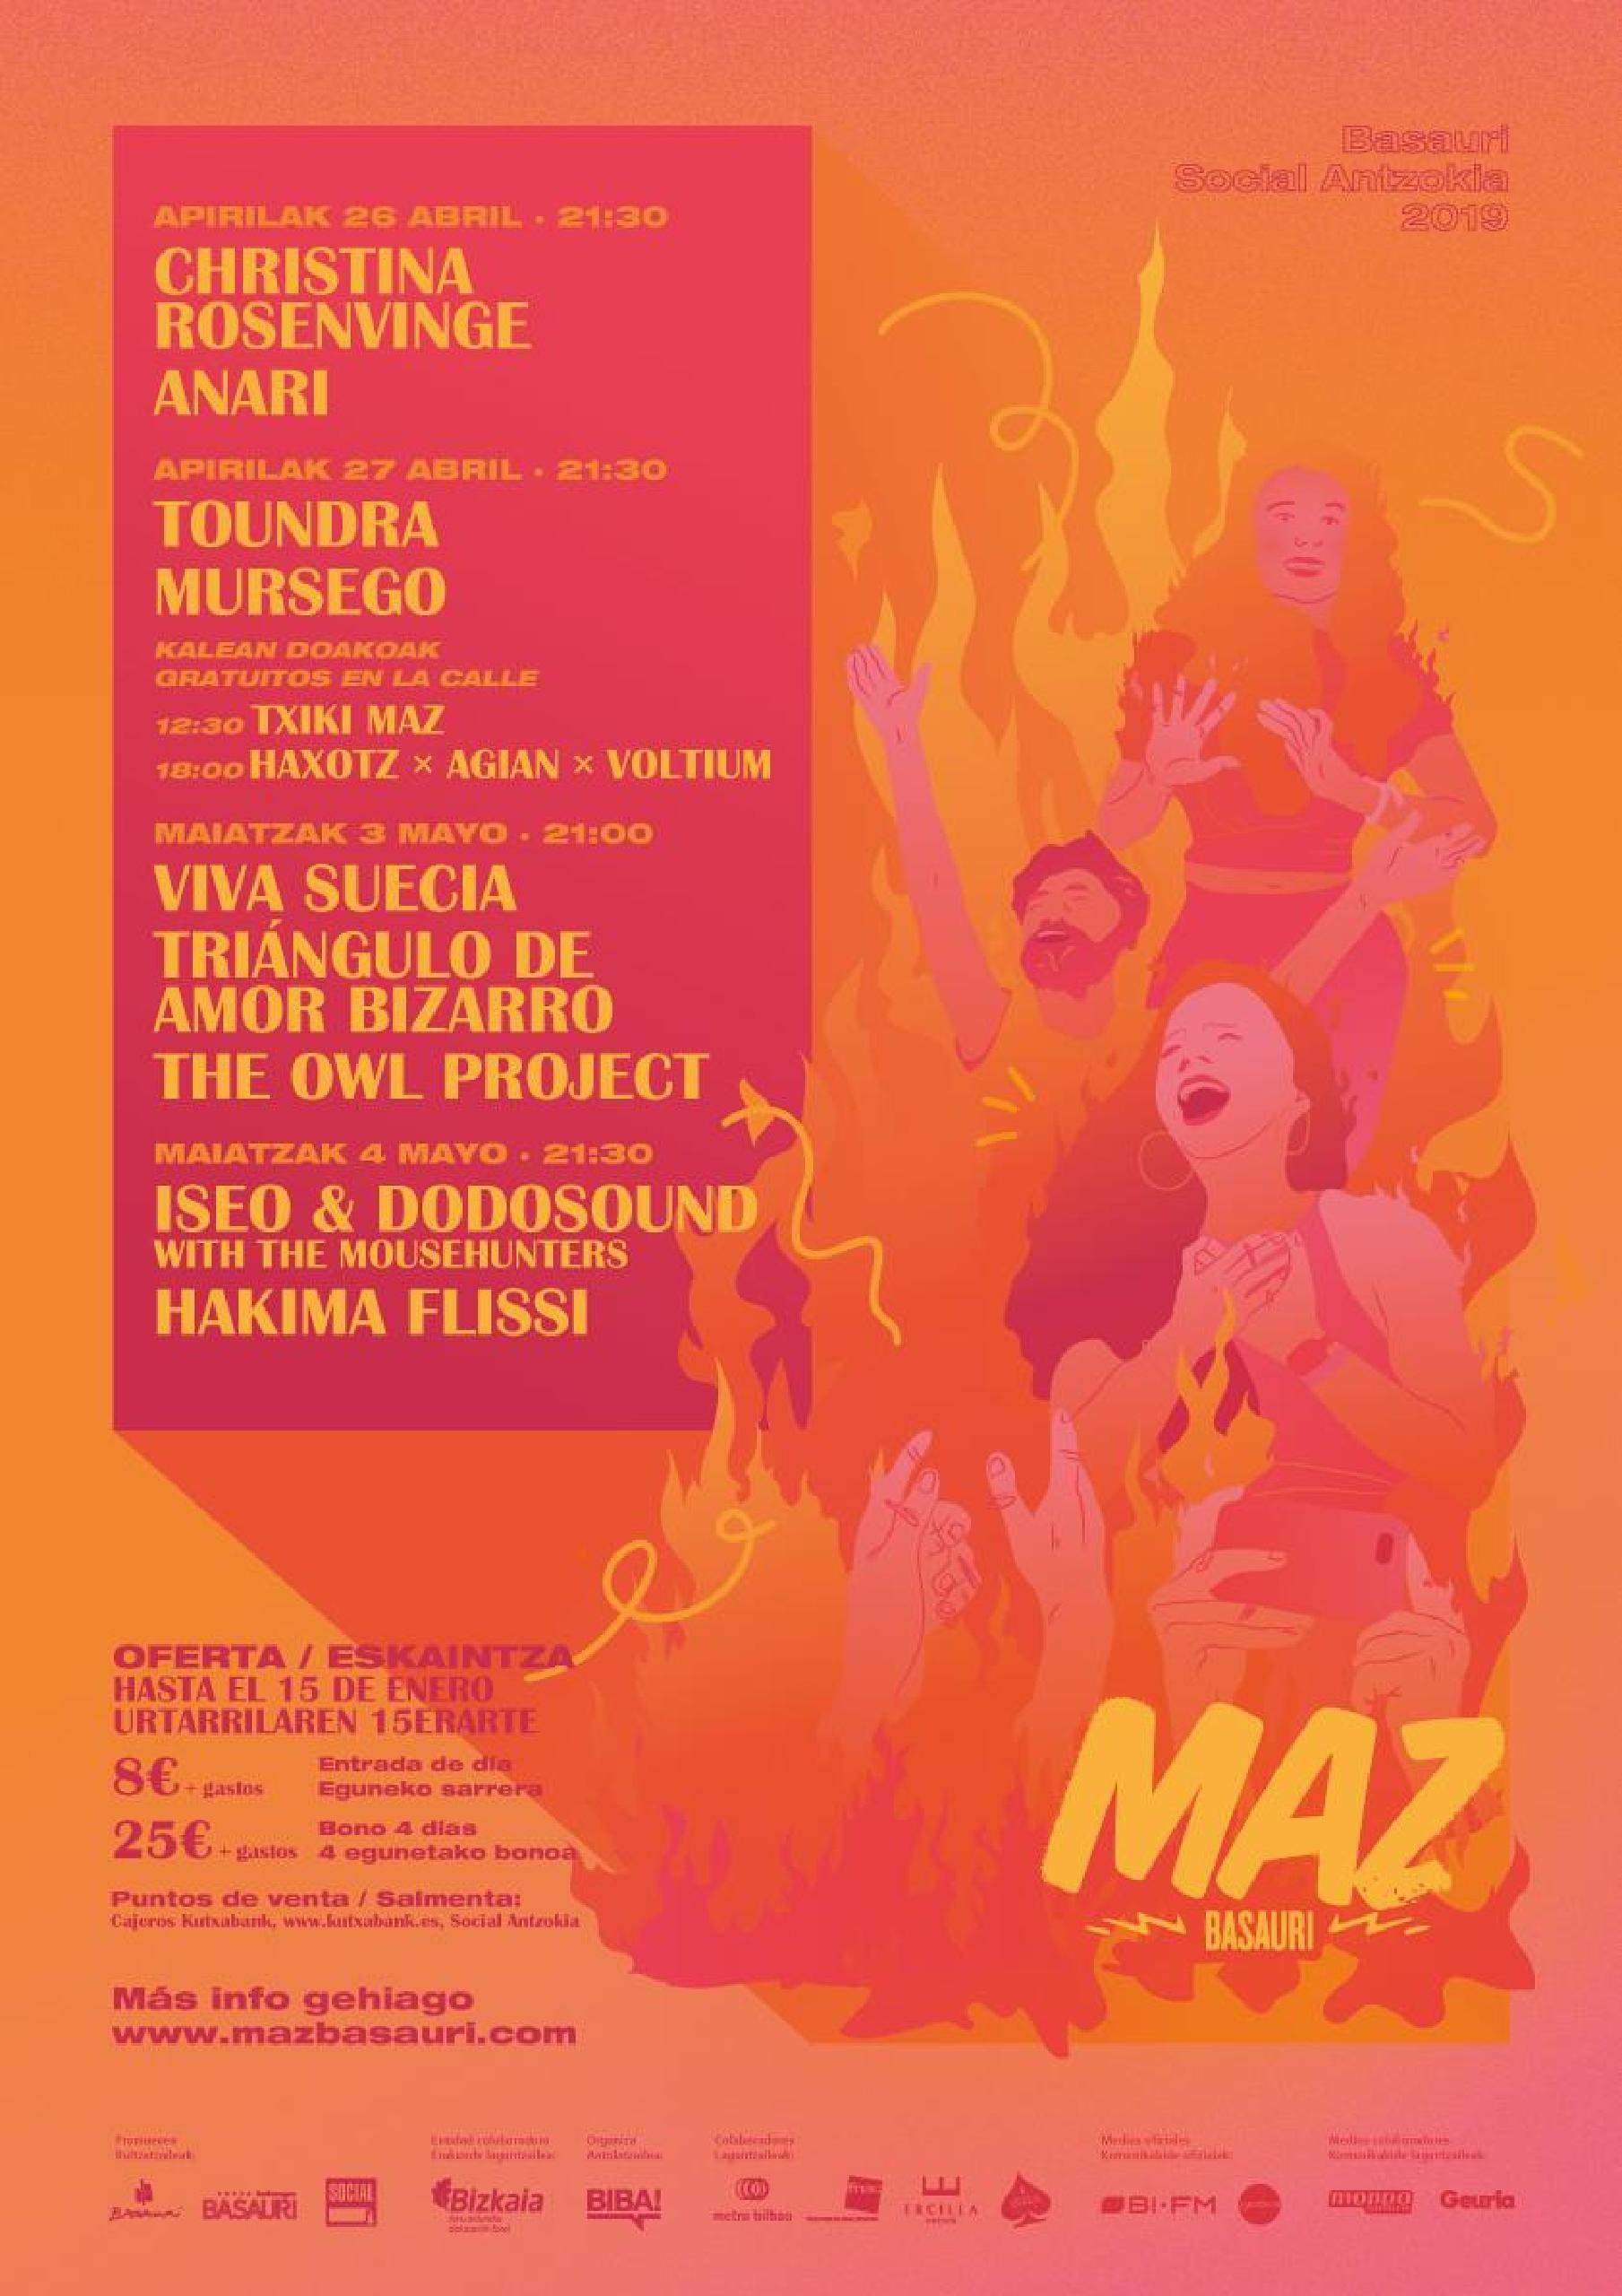 Cartel confirmaciones MAZ Basauri 2019